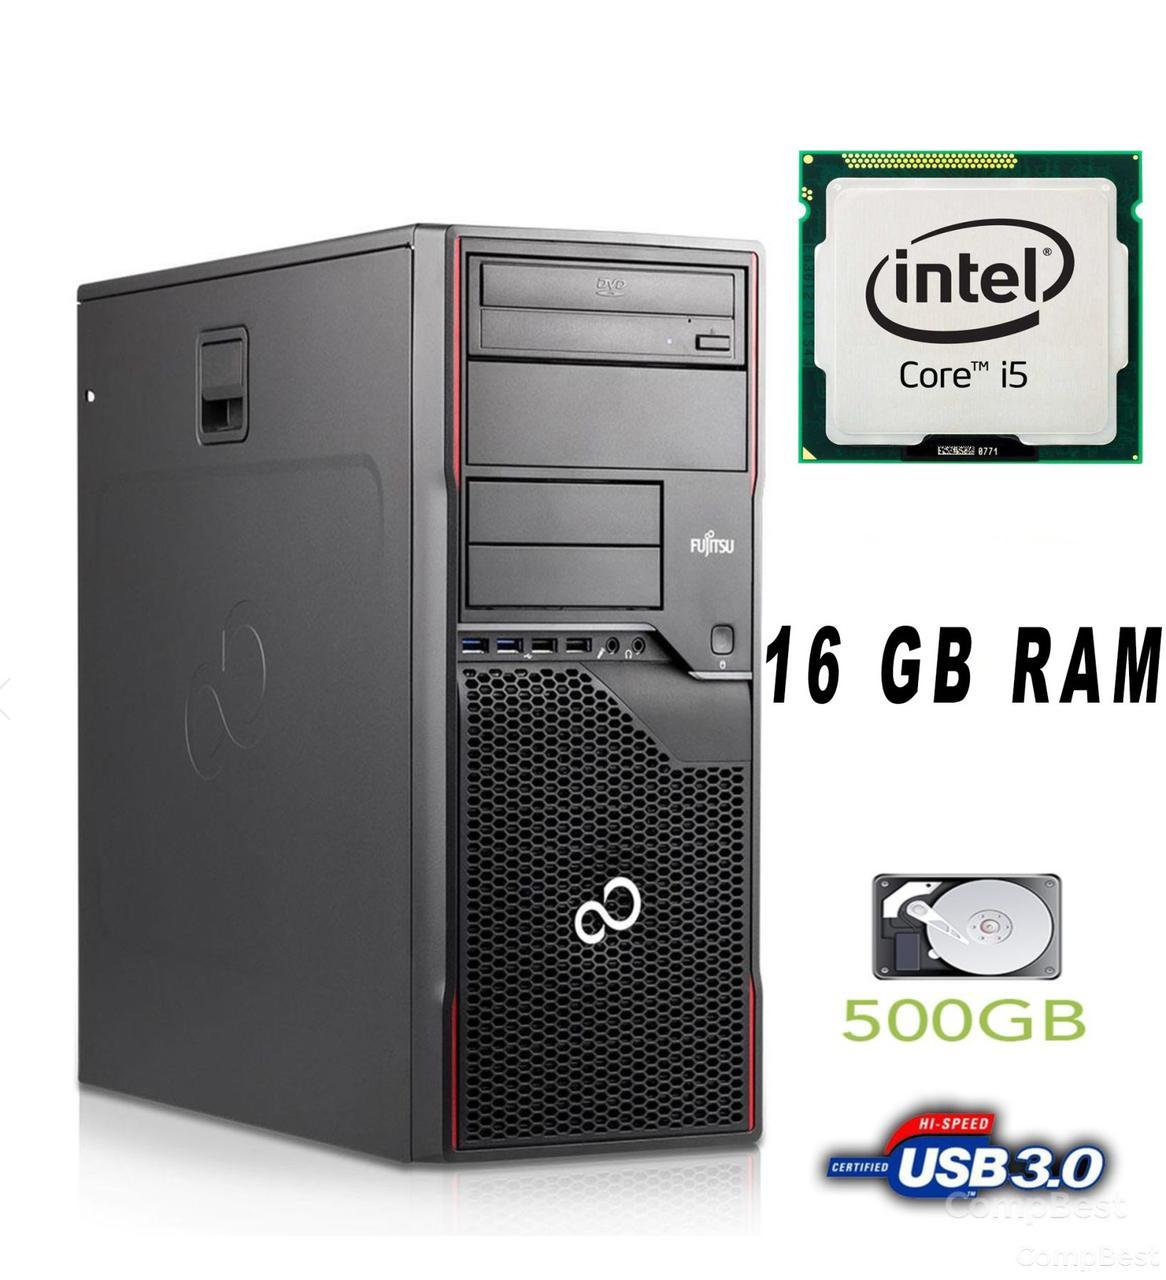 Fujitsu Celsius W420 MT / Intel Core i5-3470 (4 ядра по 3.2-3.6 GHz) / 16 GB DDR3 / 500HDD